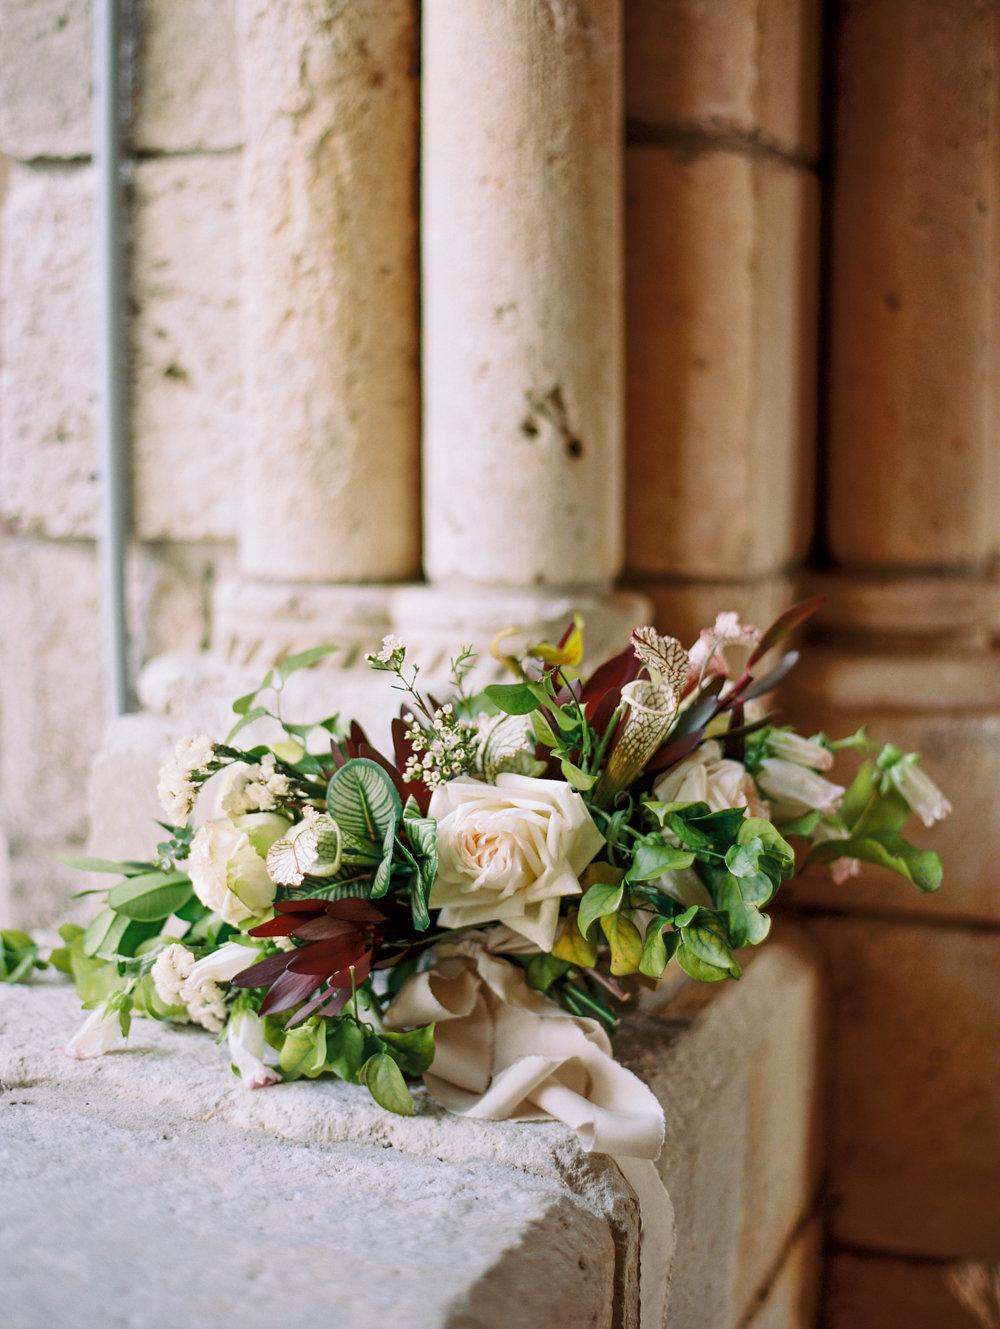 jessica-zimmerman-events-miami-bouquet-elope-wedding.JPG